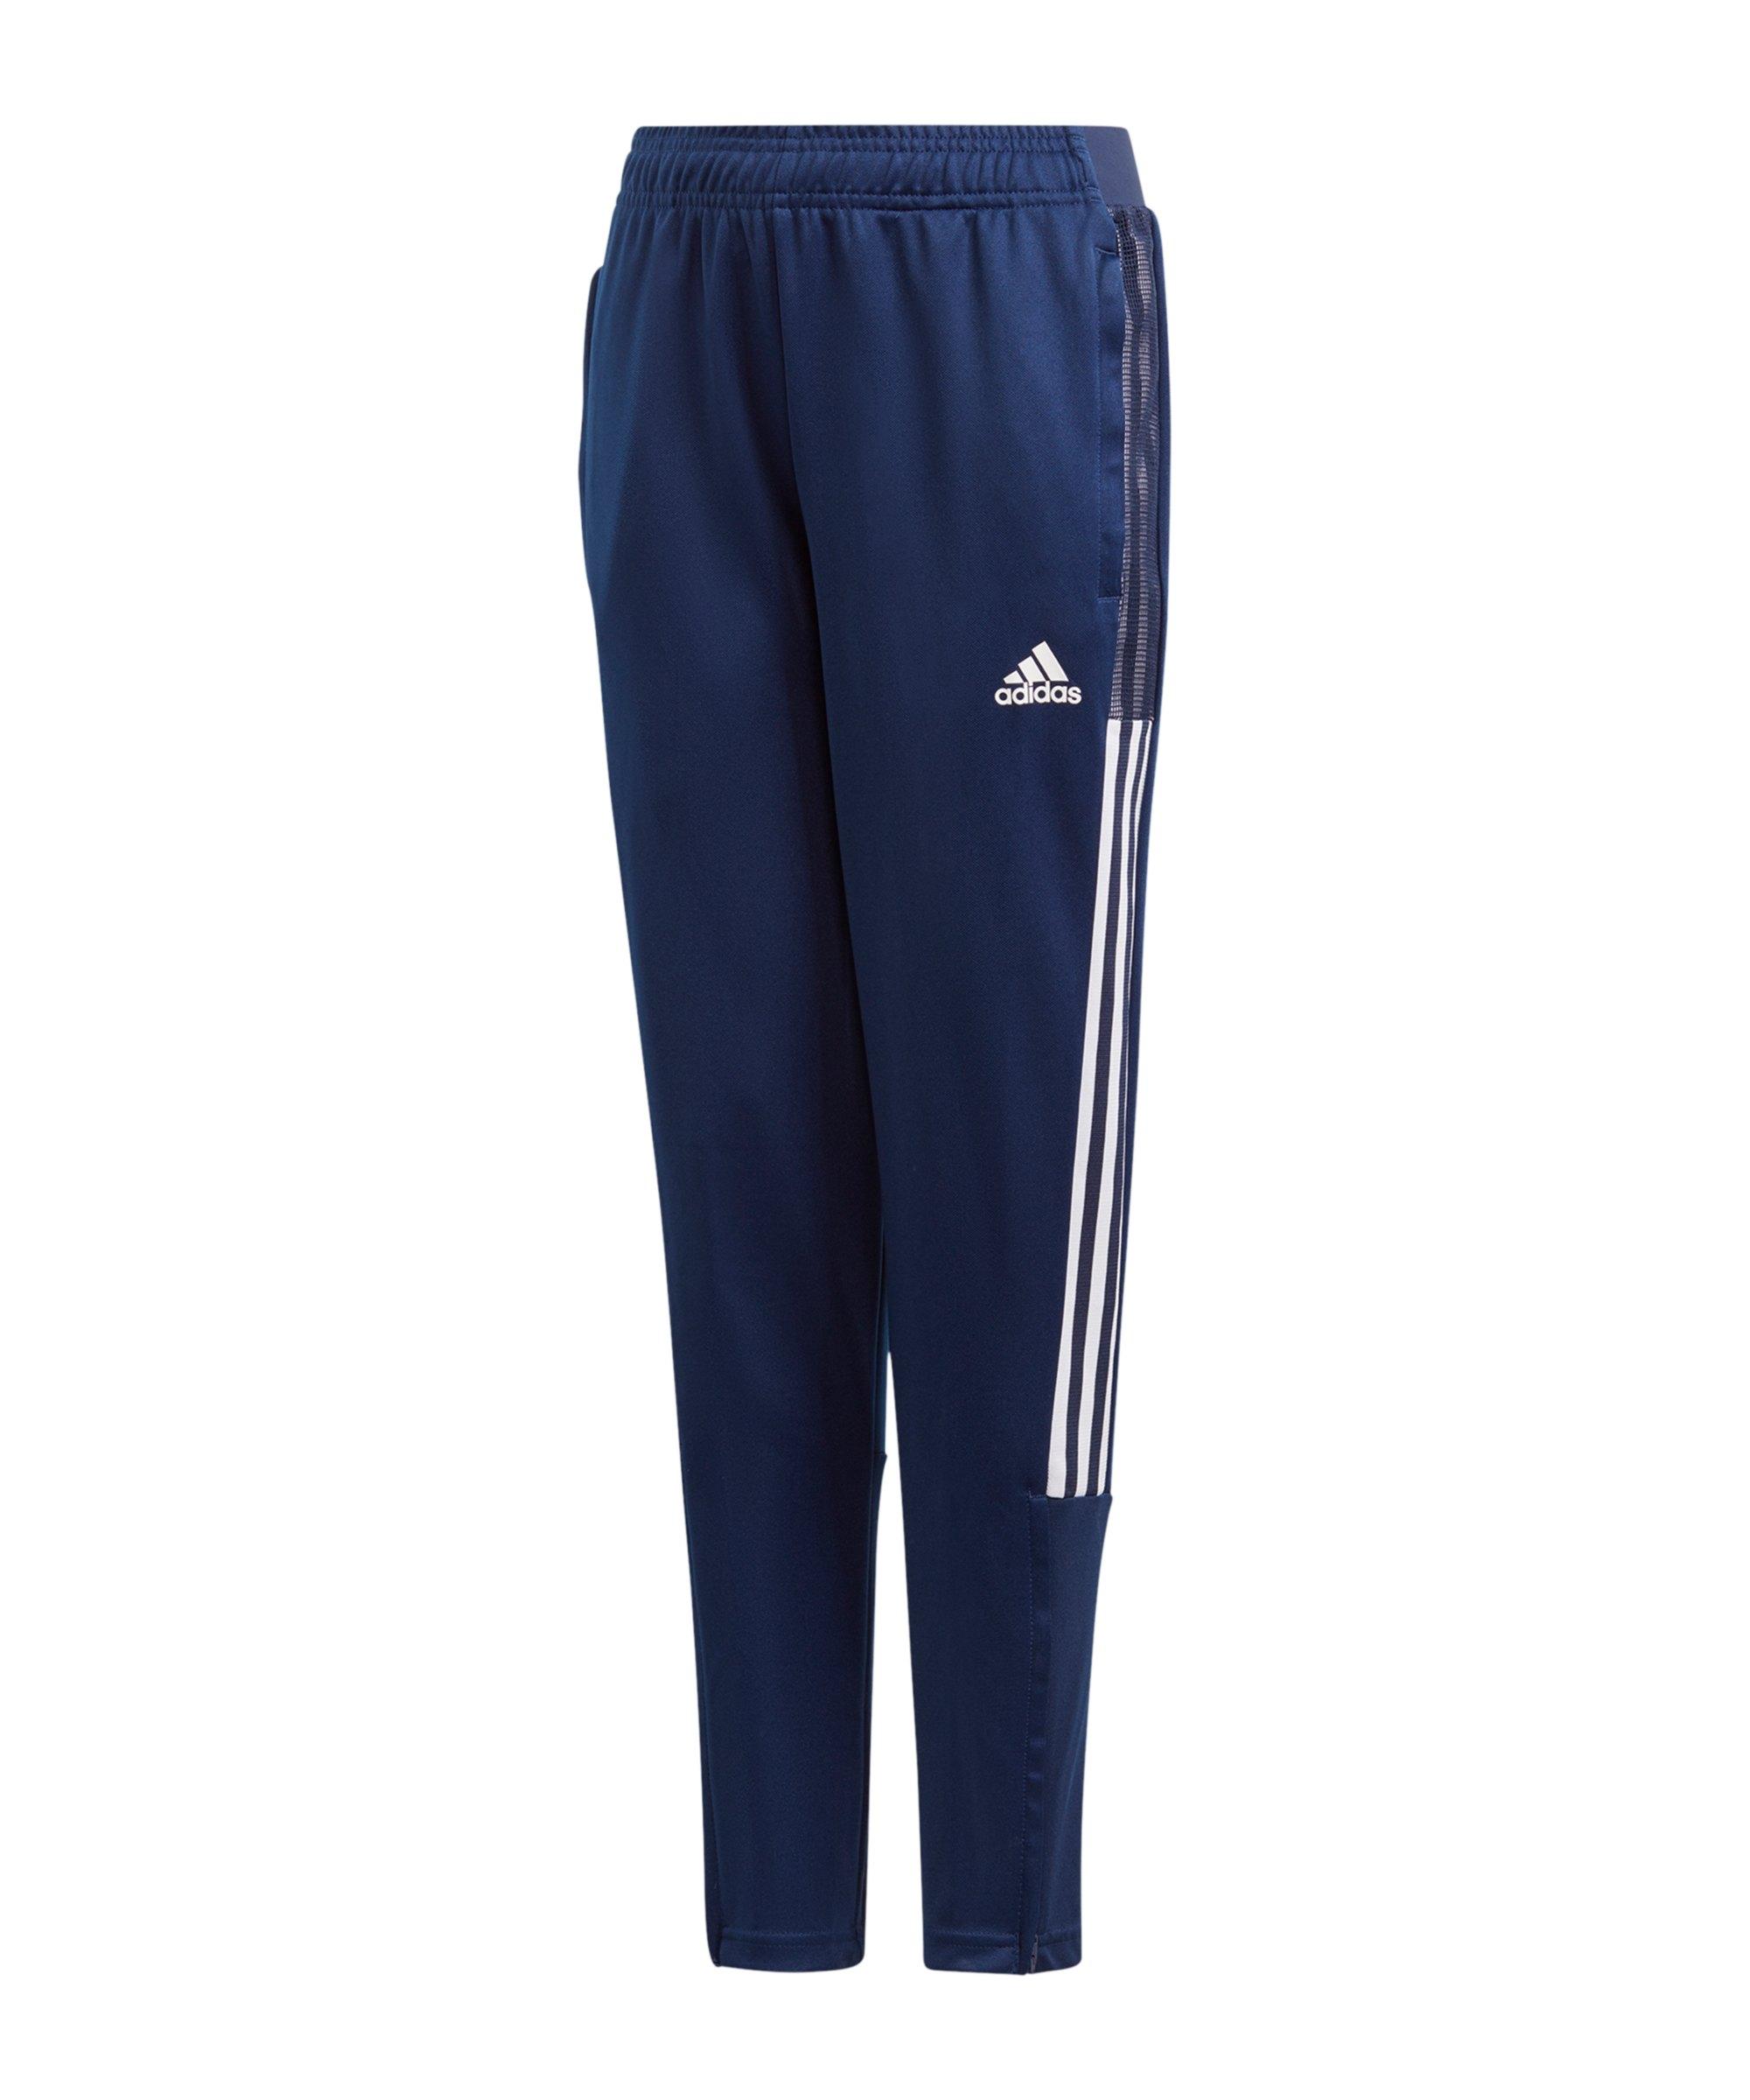 adidas Tiro 21 Trainingshose Kids Blau Weiss - blau